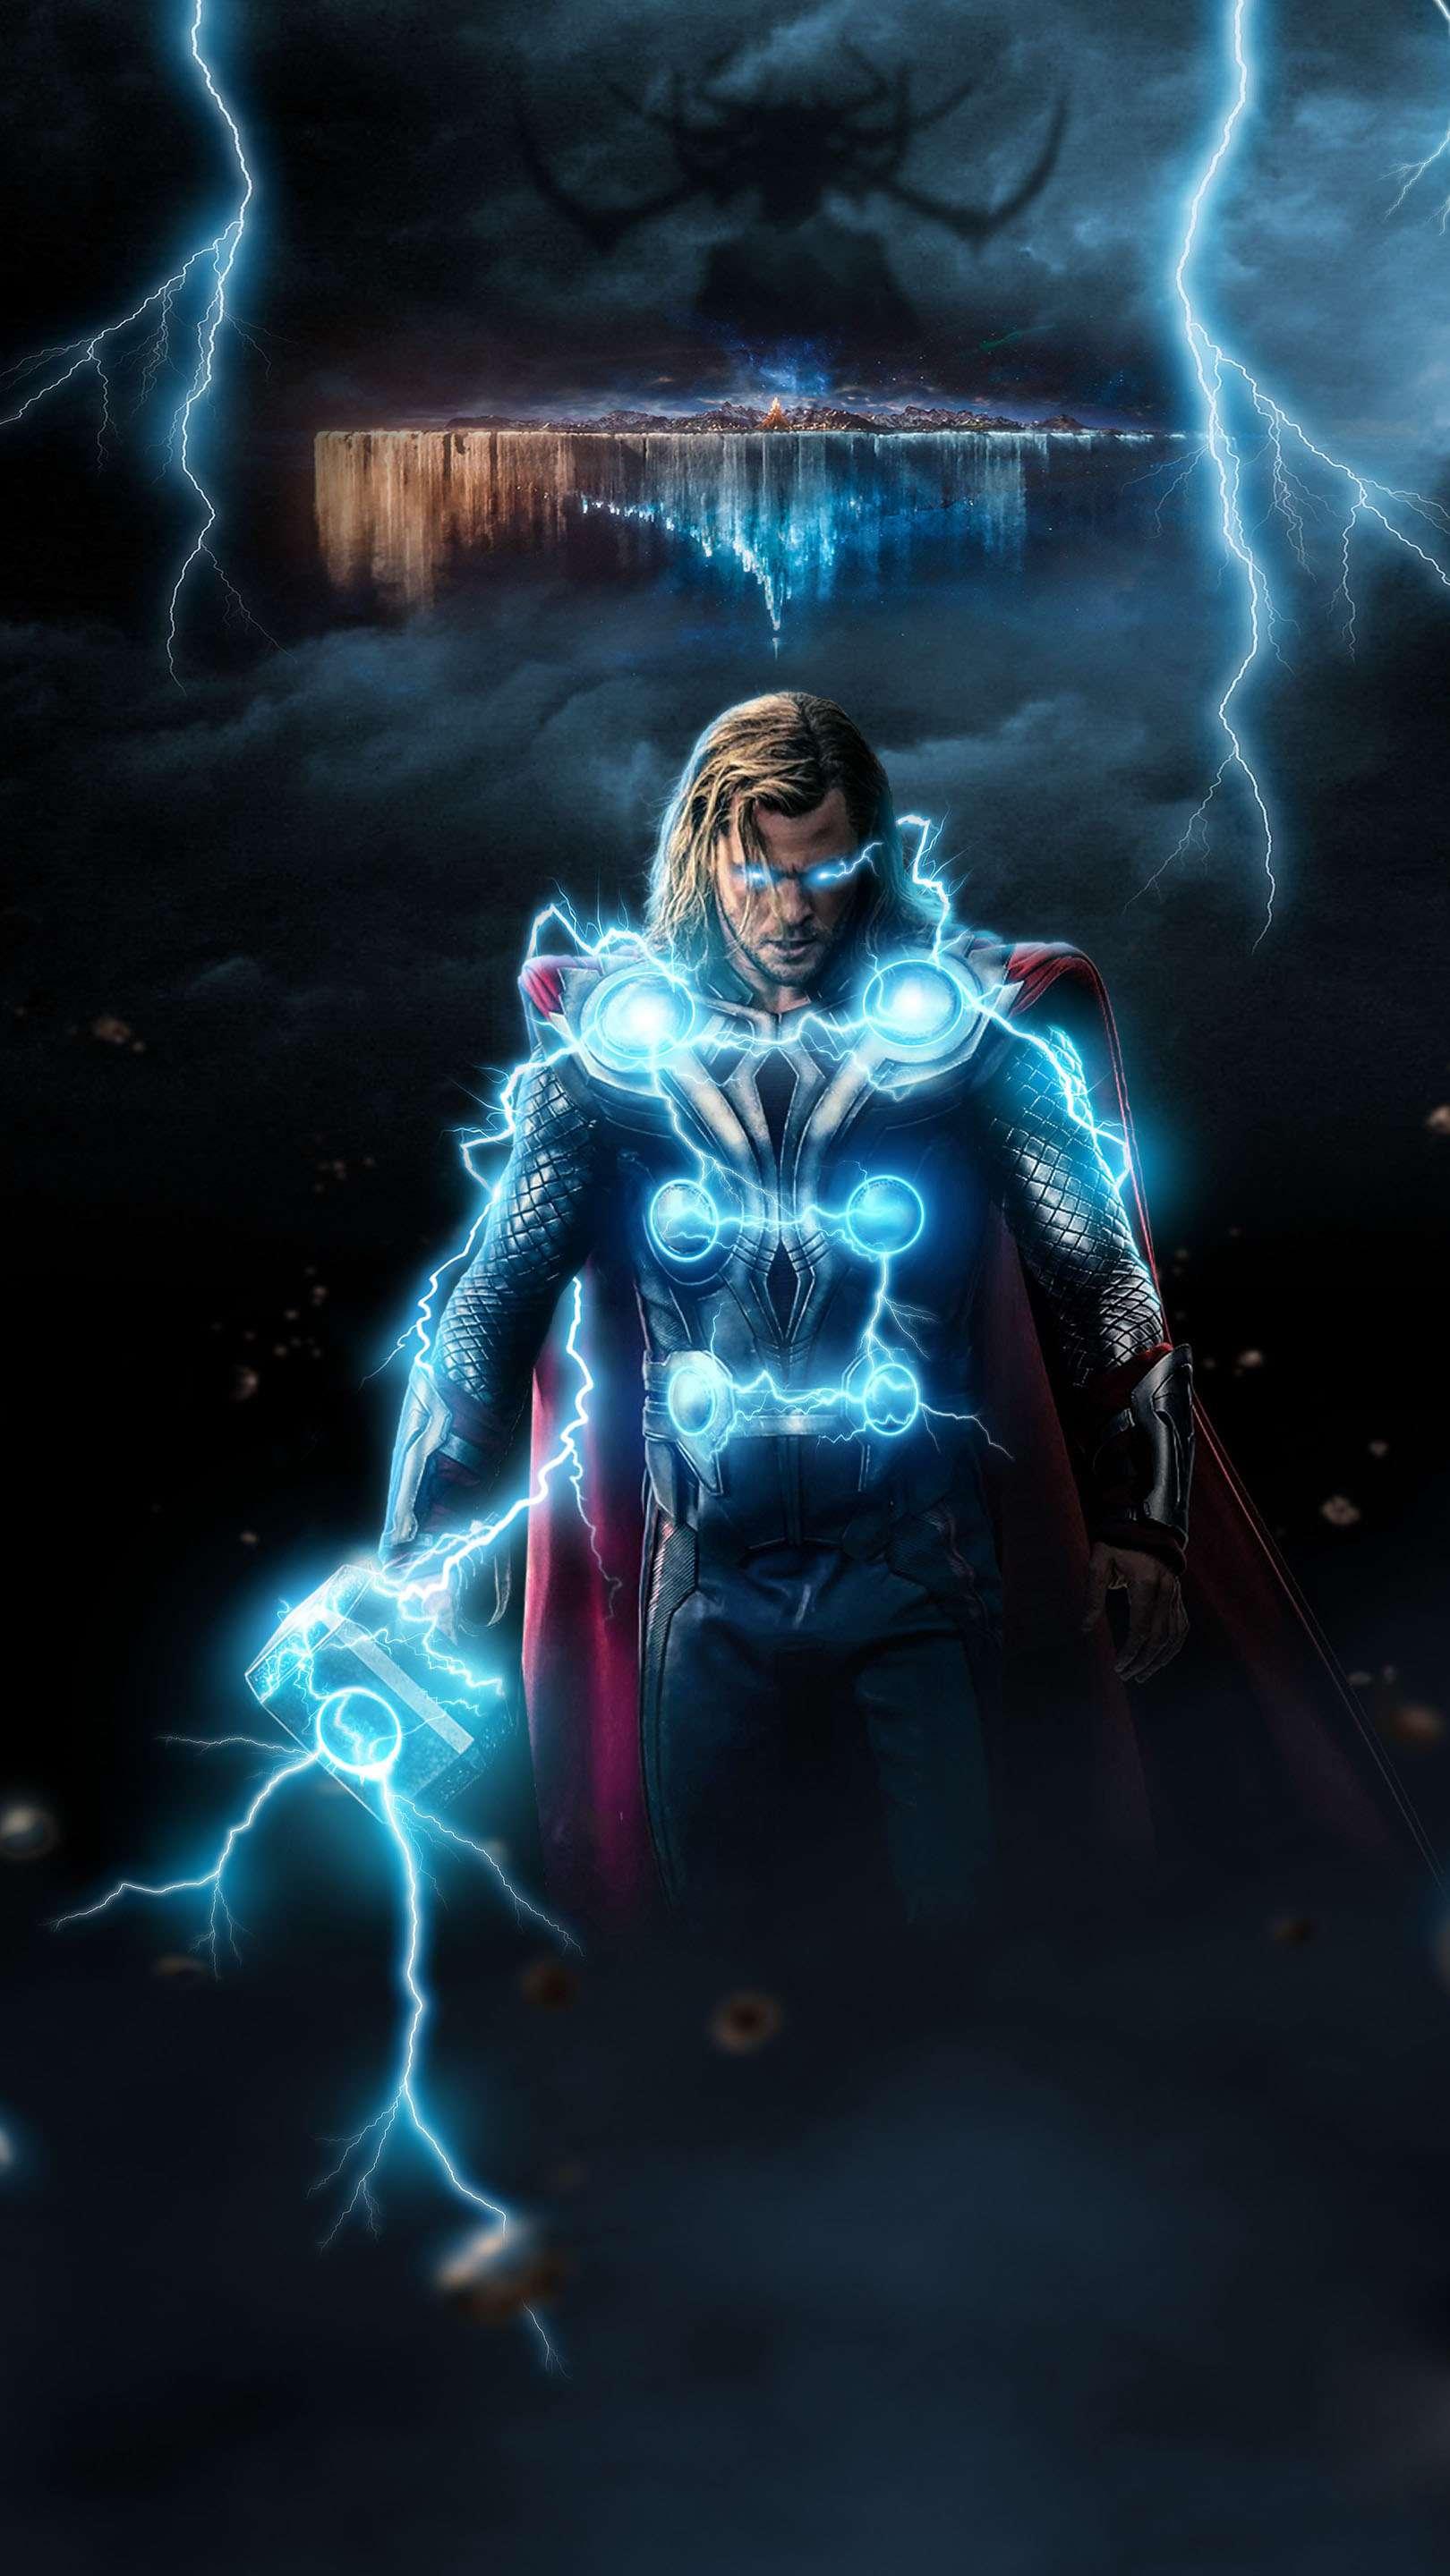 God of Thunder iPhone Wallpaper